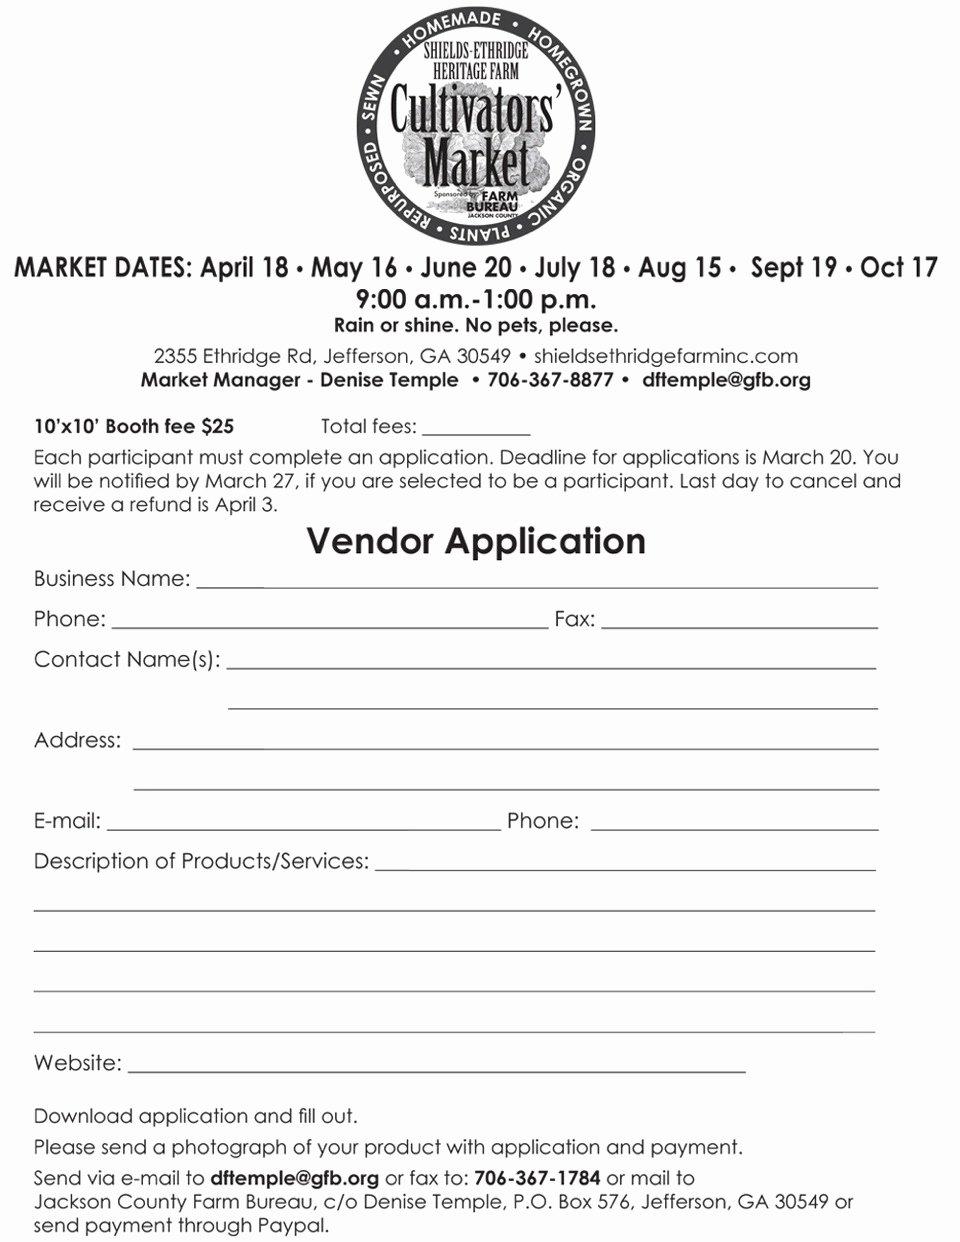 Vendor Registration form Template Unique Download Vendor Registration Application form